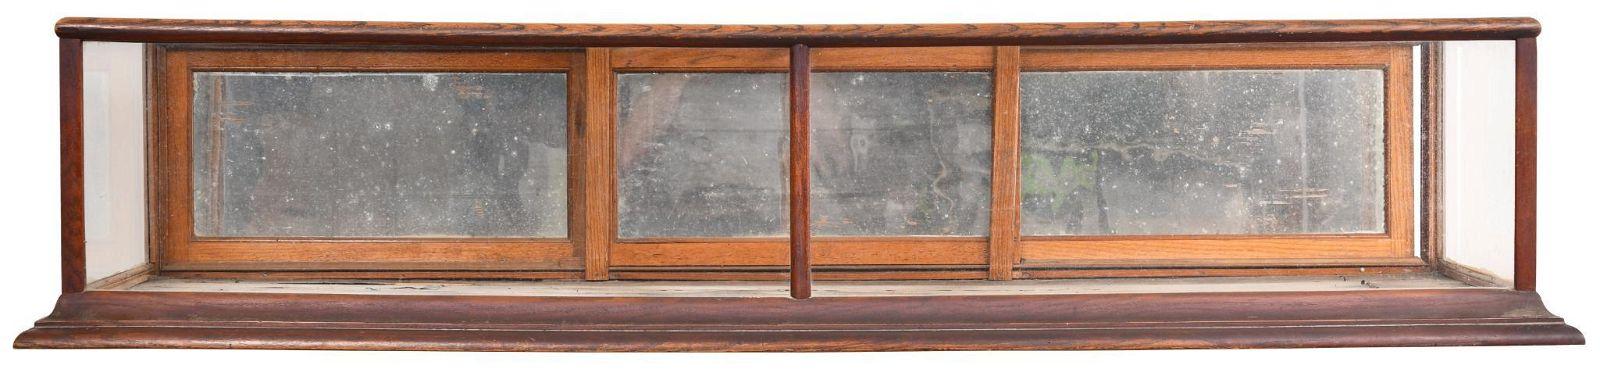 Large Countertop Oak Show Case